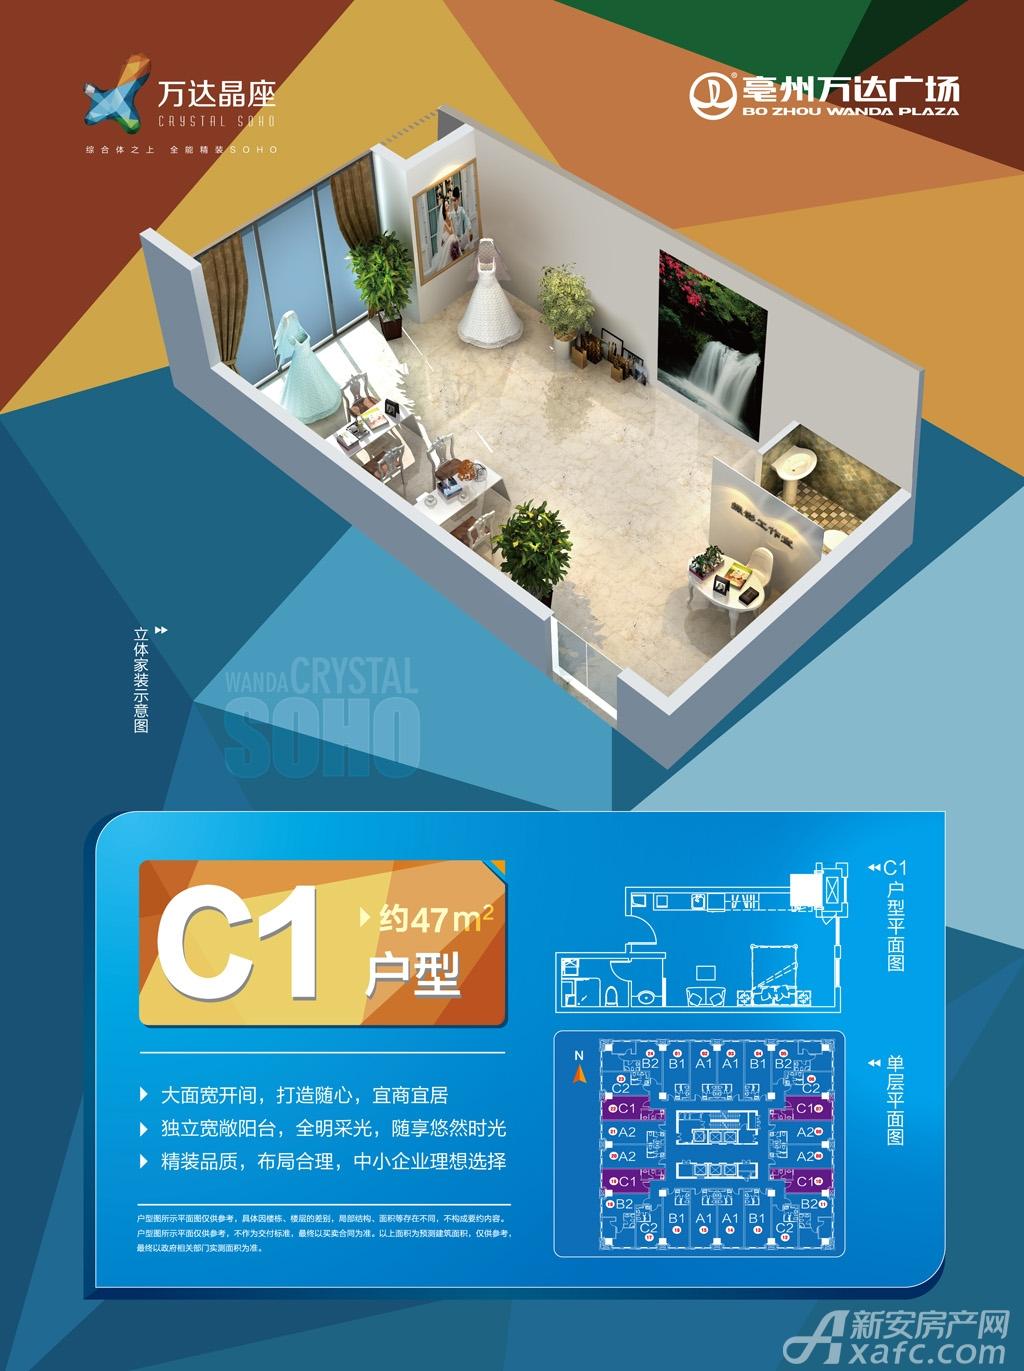 亳州万达广场精装soho C1户型1室1厅47平米